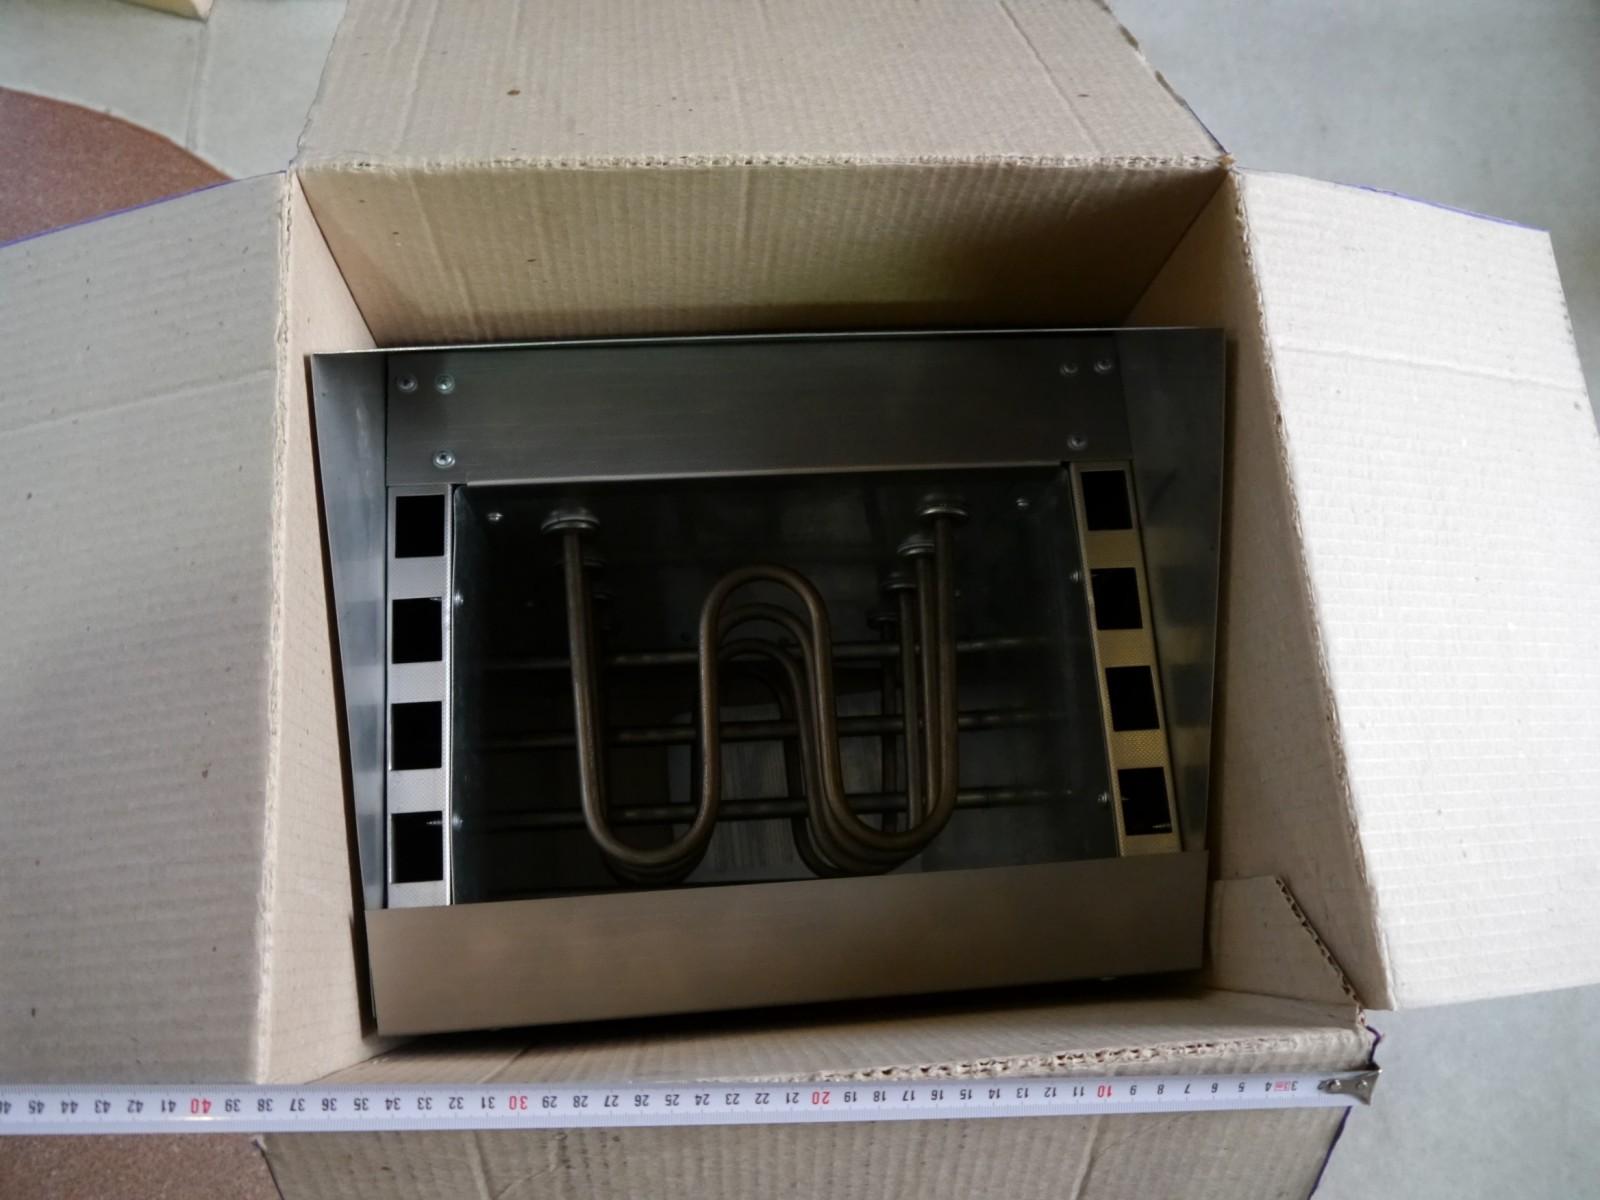 Электрическая печь для бани 220в или 380в, в чем разница?